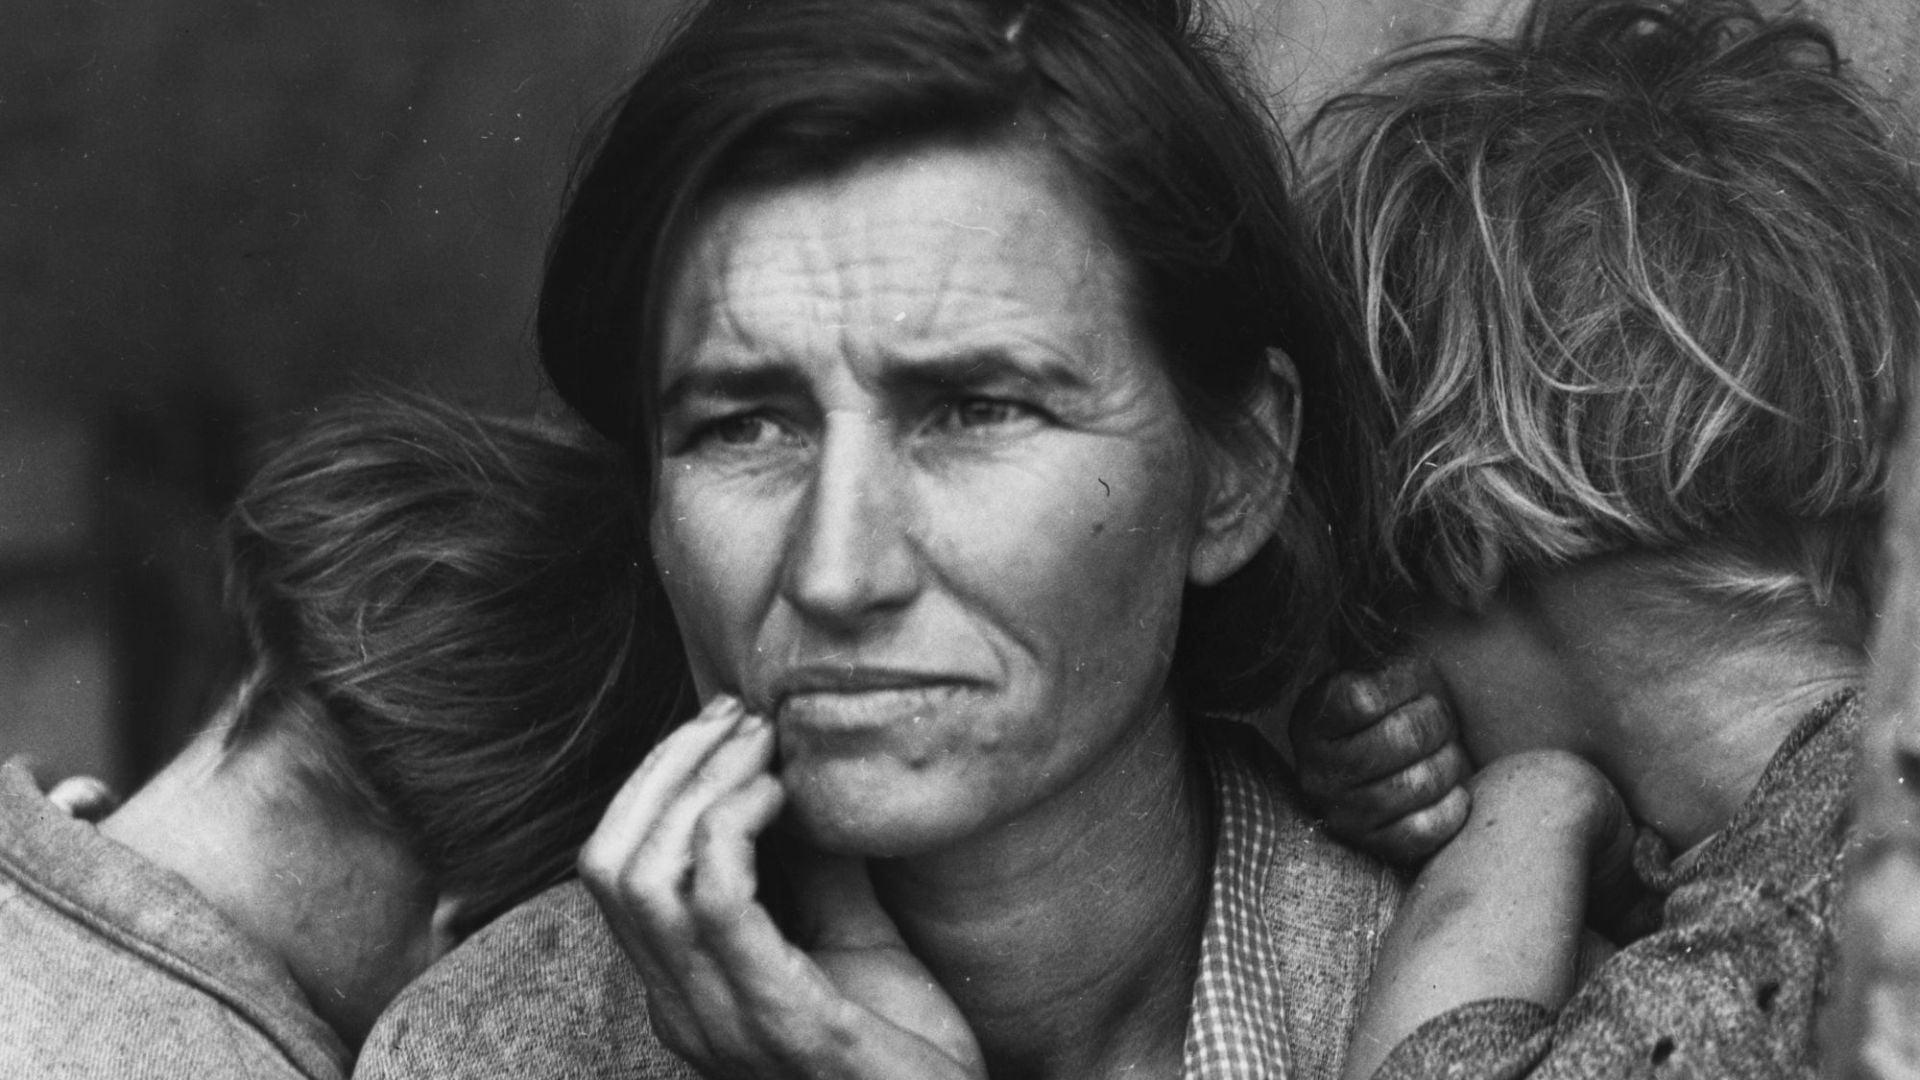 Zdjęcie czarno-białe. Na pierwszym planie twarz kobiety, ok. 40 lat, wygląda na zmęczoną, zmartwioną i zamyśloną. Ma czarne włosy założone za uszy, przedziałek po lewej stronie. Podpiera się prawą ręką pod brodą. Z dwóch stron wtulają się w nią dzieci, które są odwrócone tyłem.